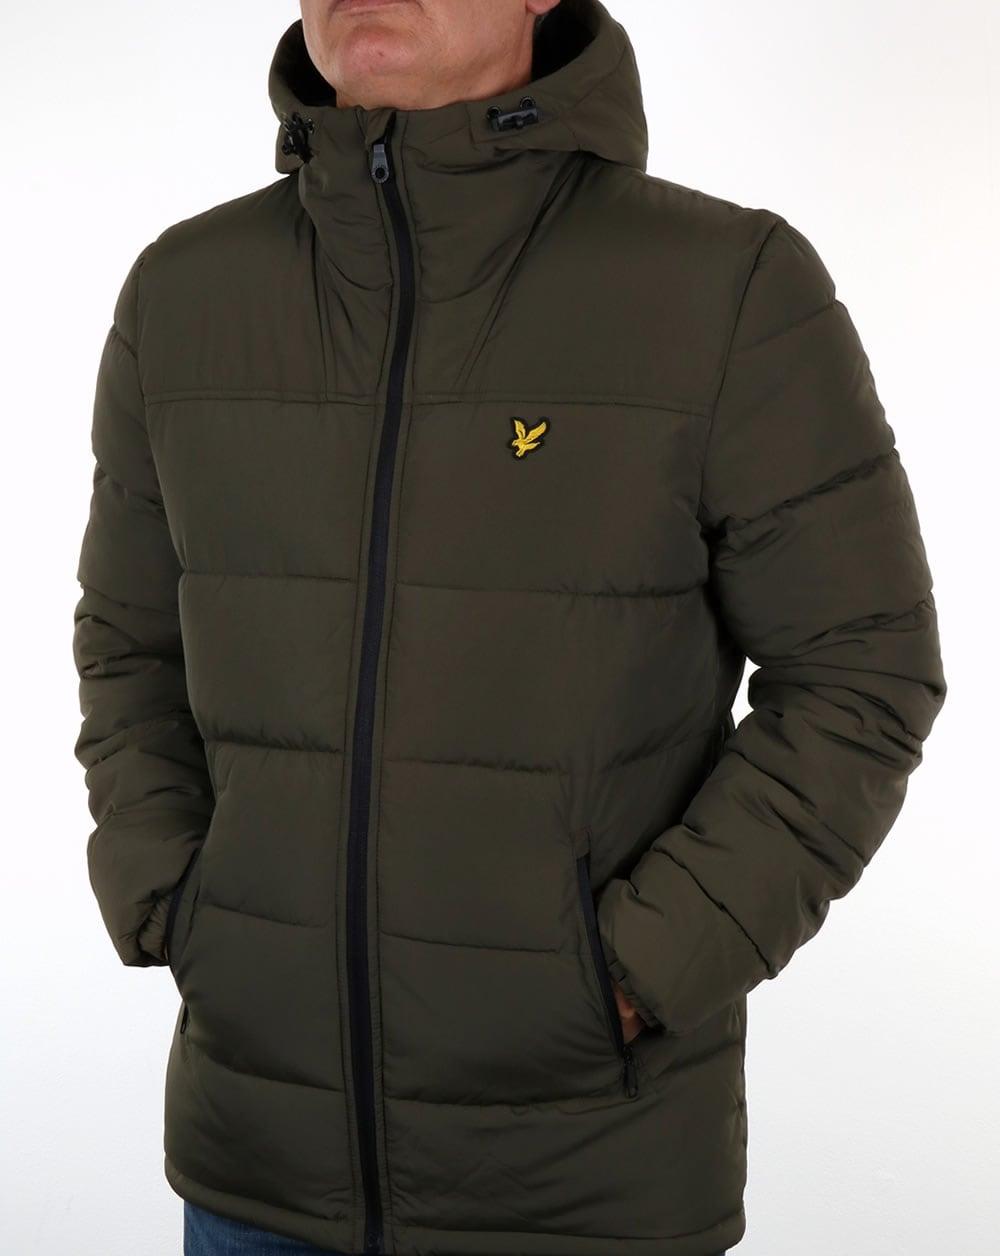 lyle and scott wadded jacket olive men 39 s coat padded. Black Bedroom Furniture Sets. Home Design Ideas